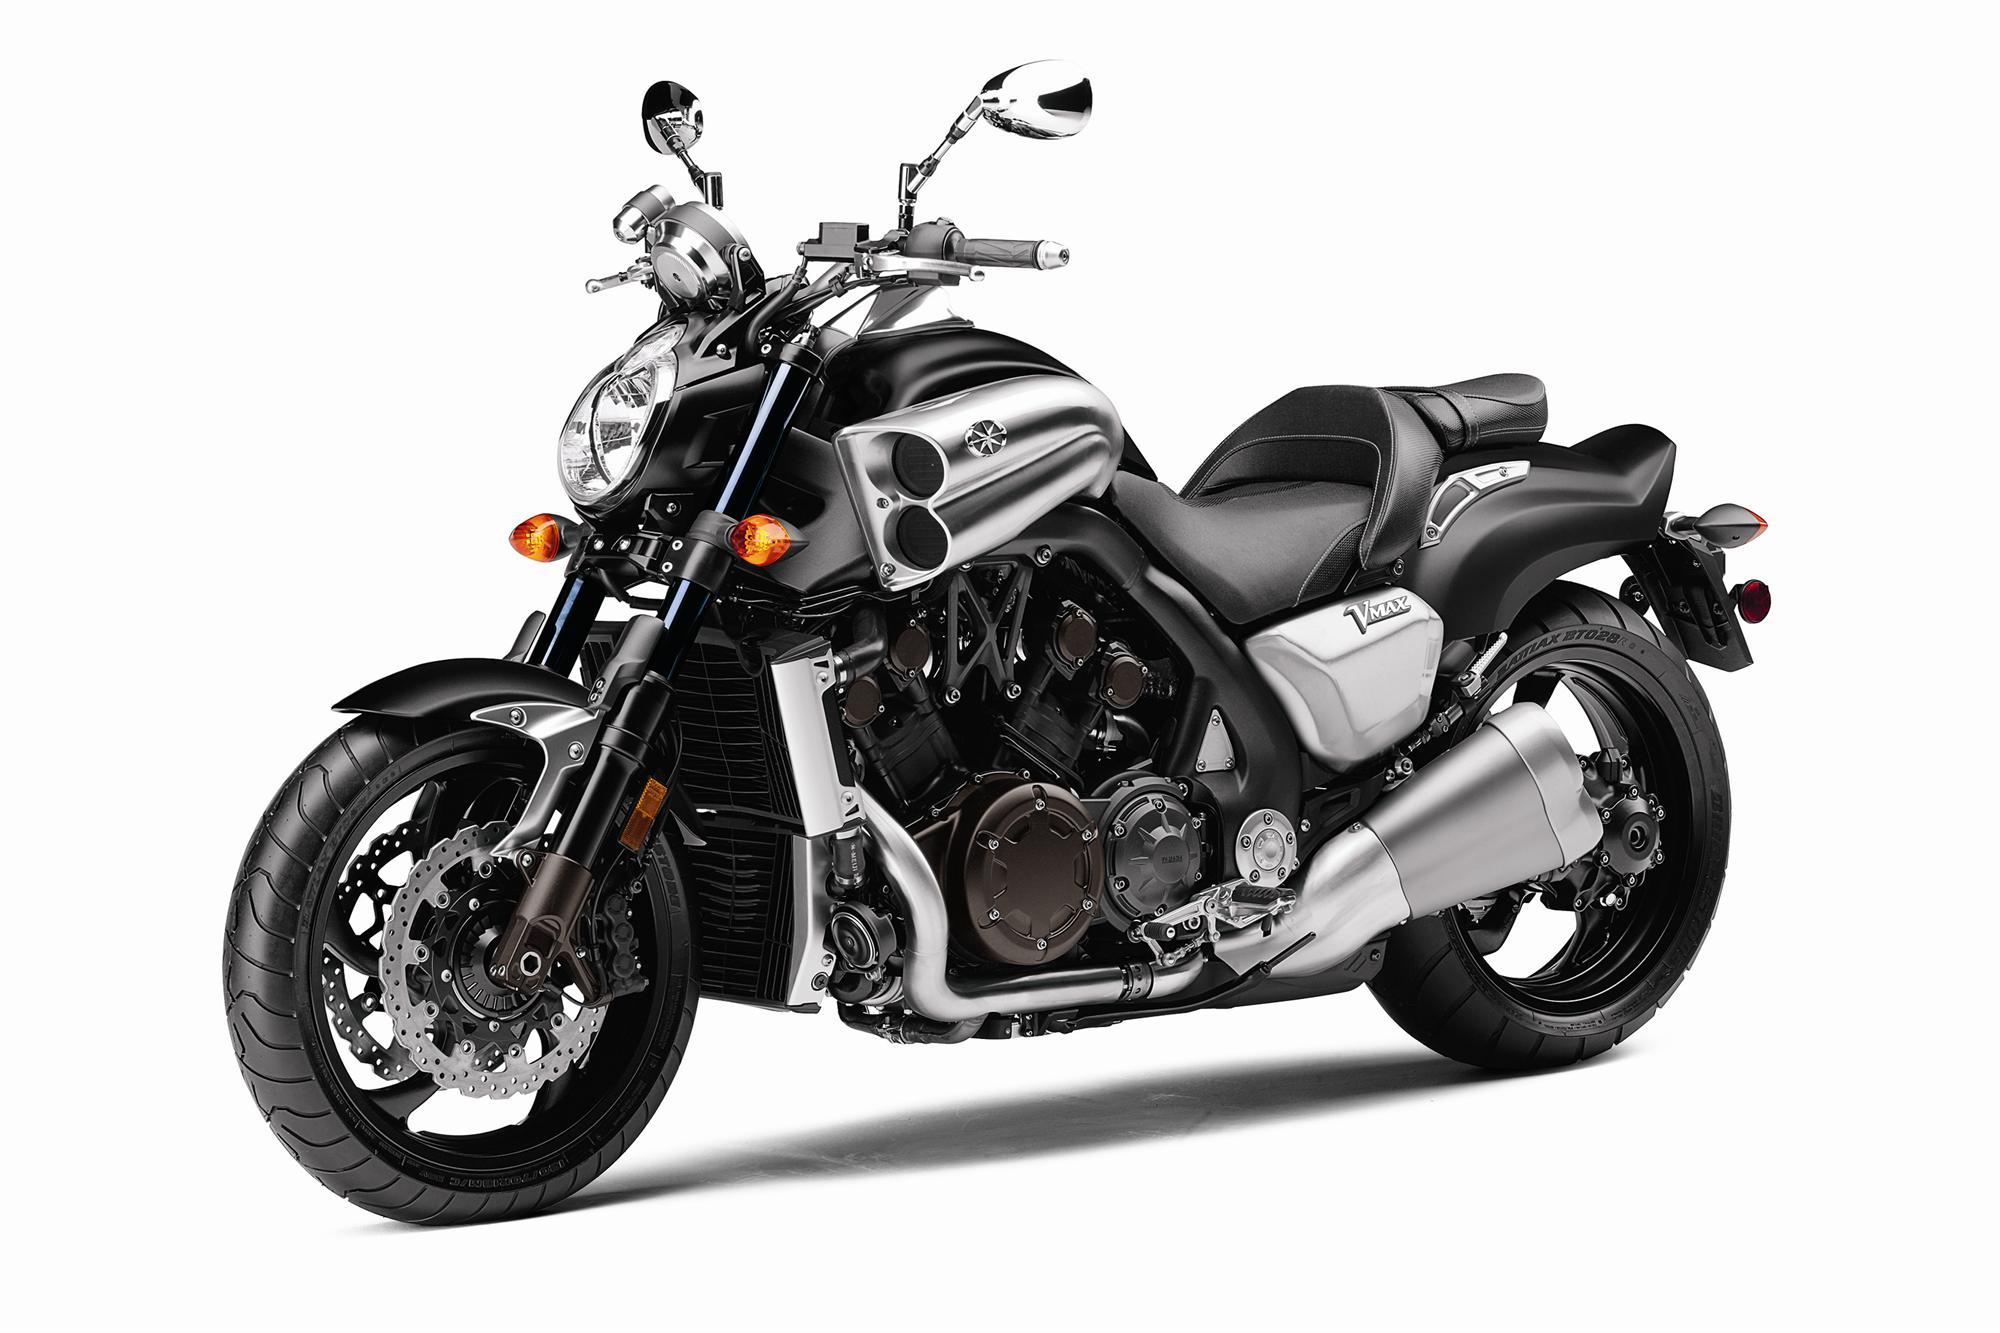 2011 Yamaha V-Max Base | New Motorcycle